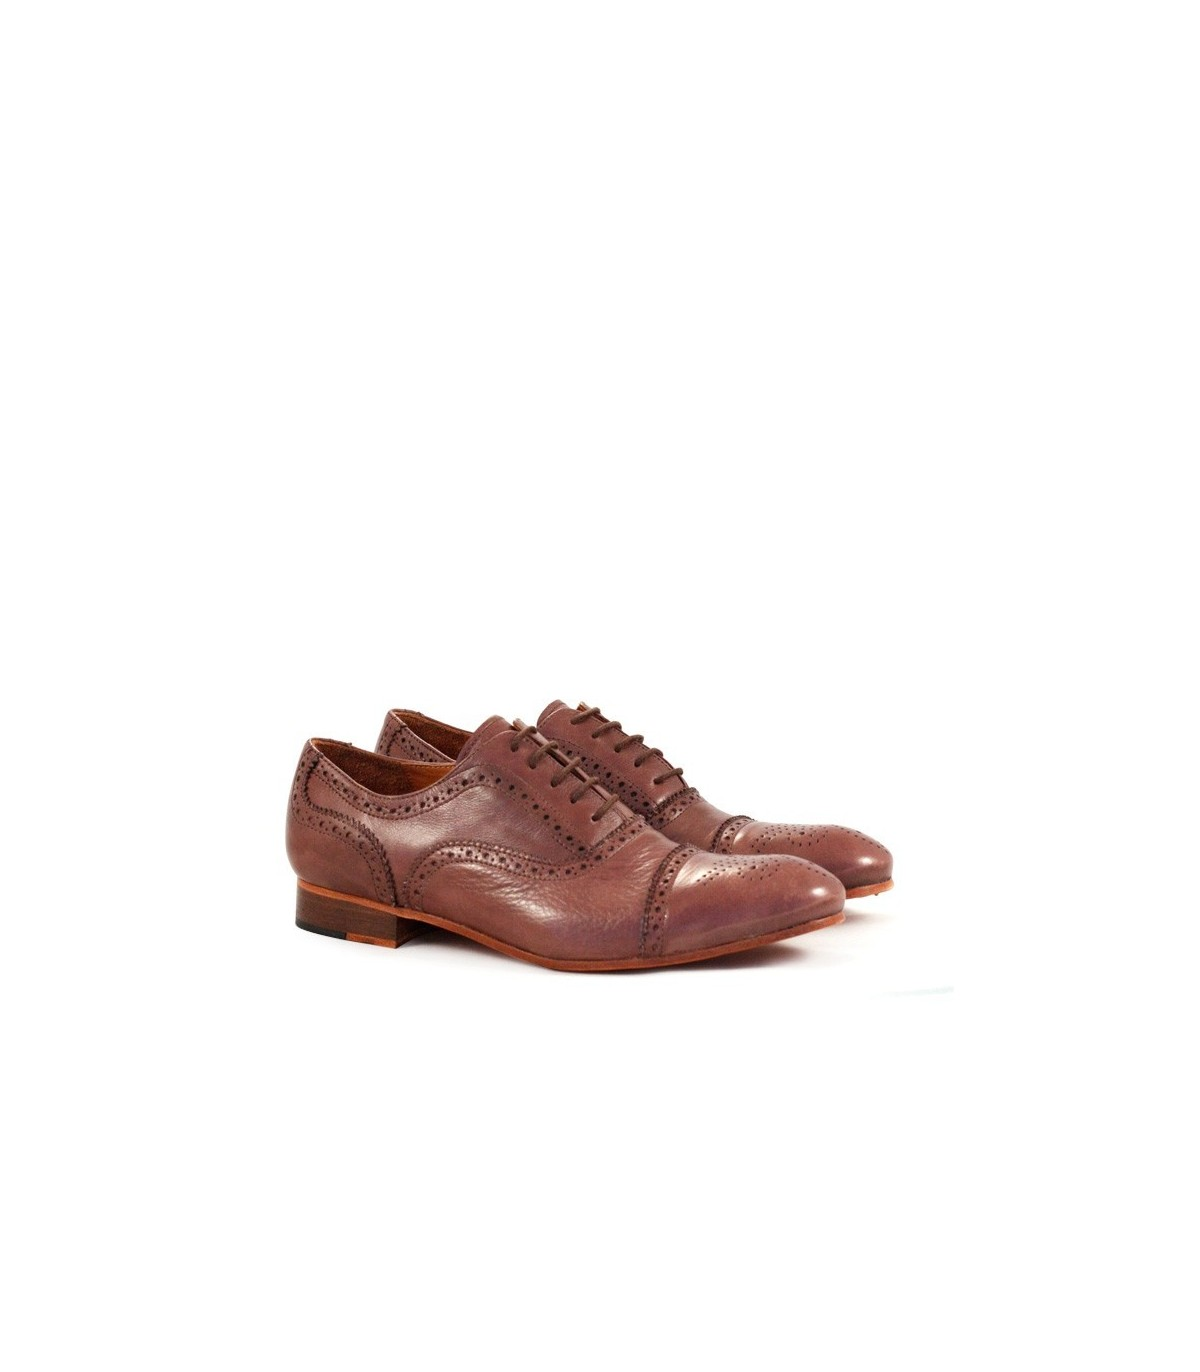 super popular 781a4 0921f Zapatos de vestir de cuero marrón | Hombres | Batistella